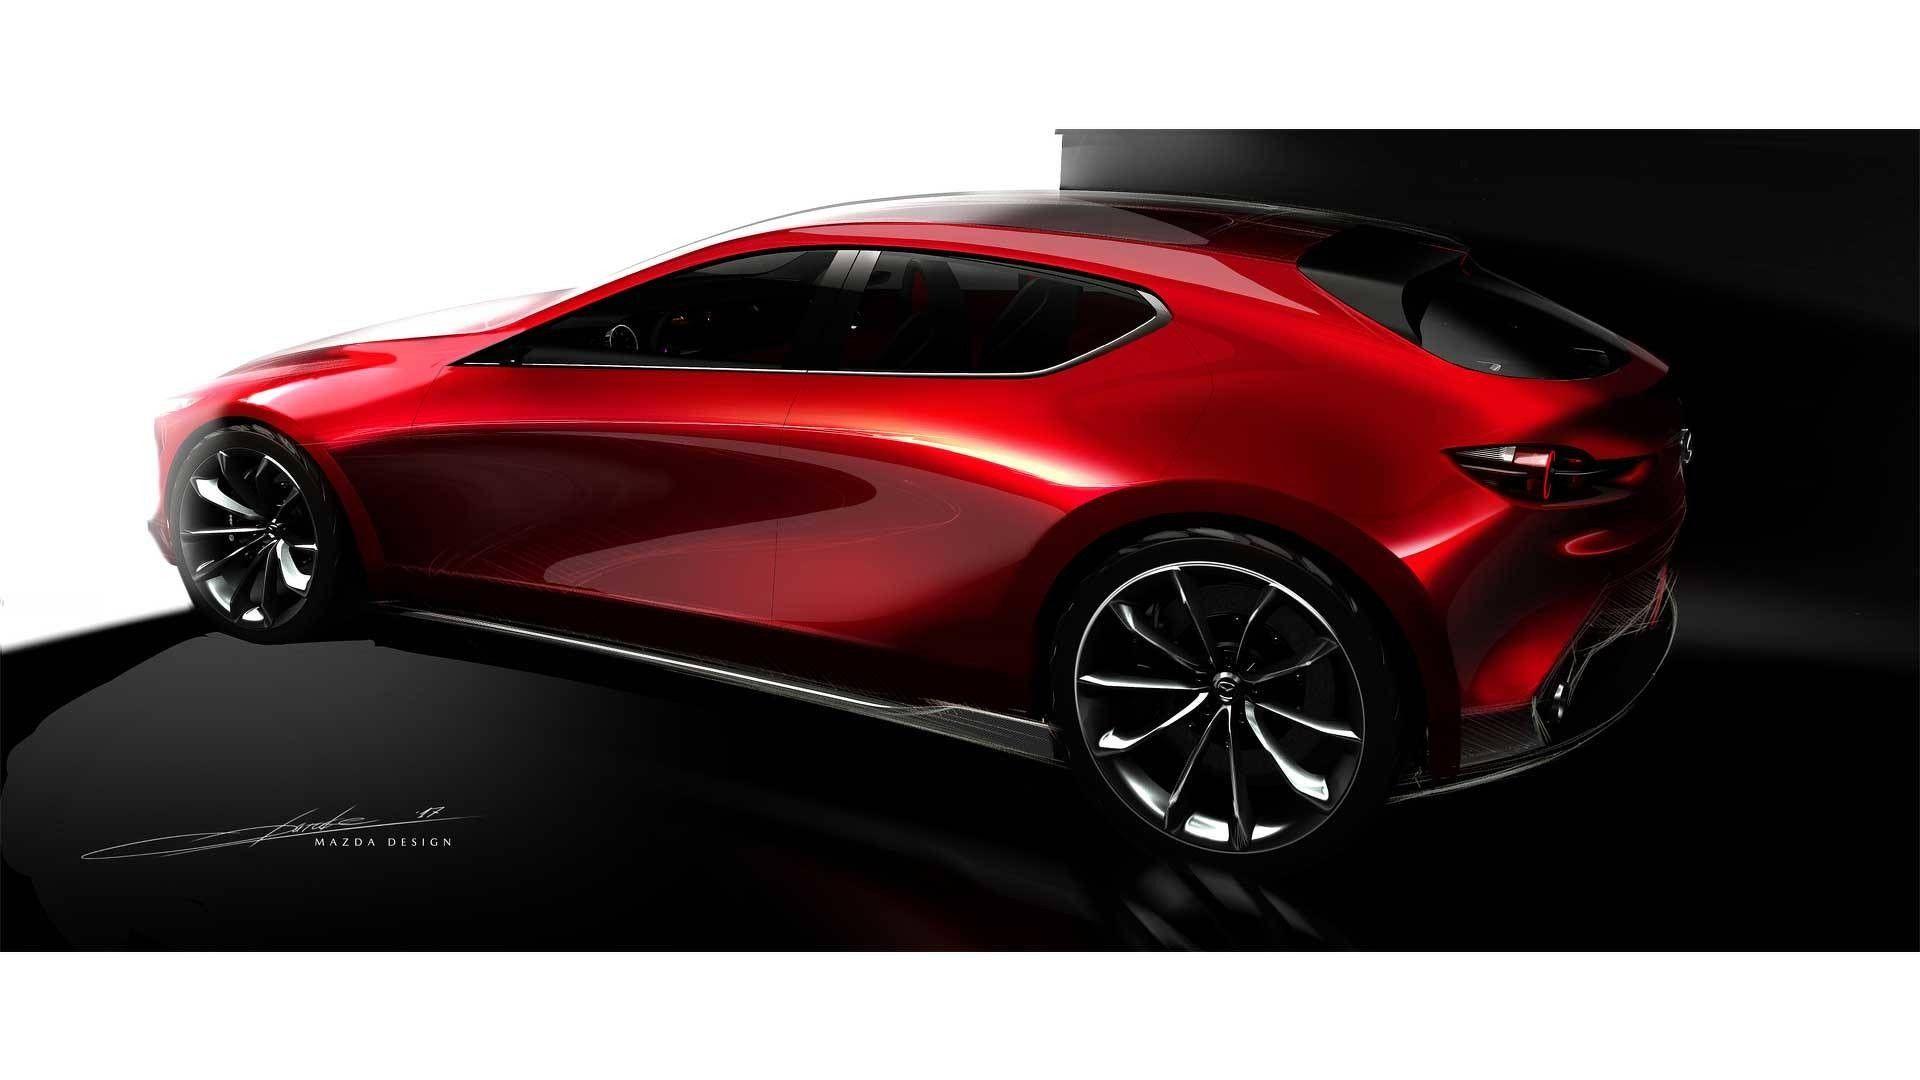 2019 G Wagon >> Nuova Mazda 3 Concept: al Salone di Ginevra 2018 con